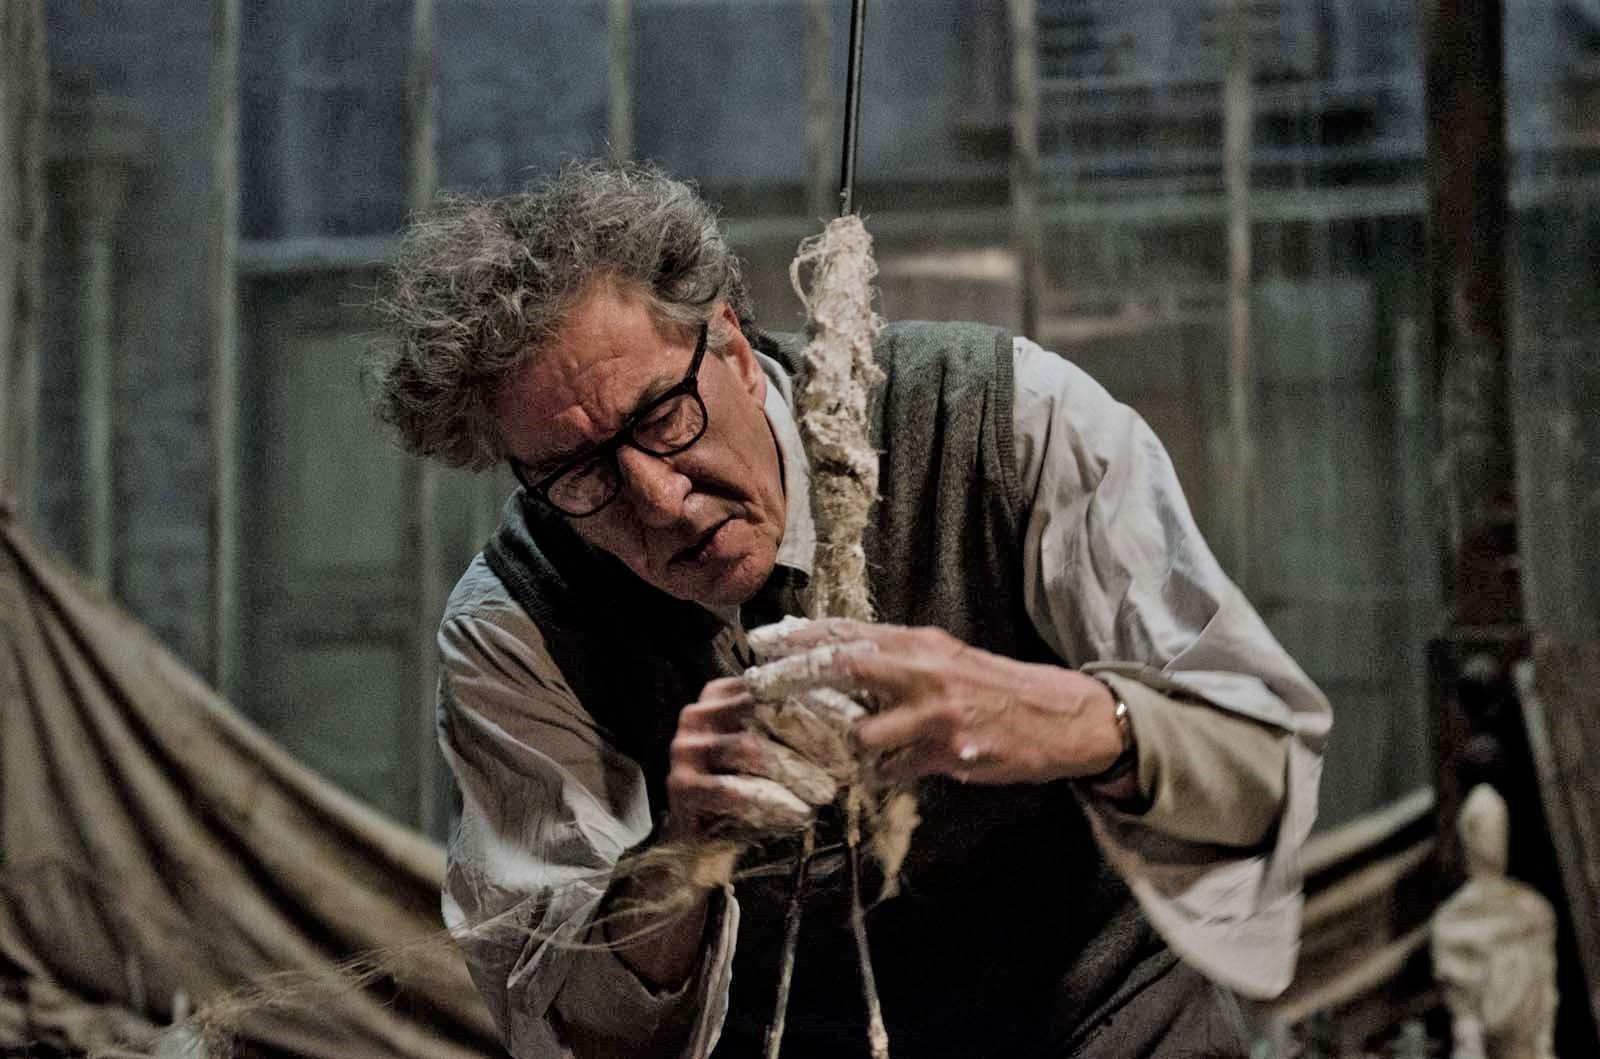 The final portrait, Giacometti, film